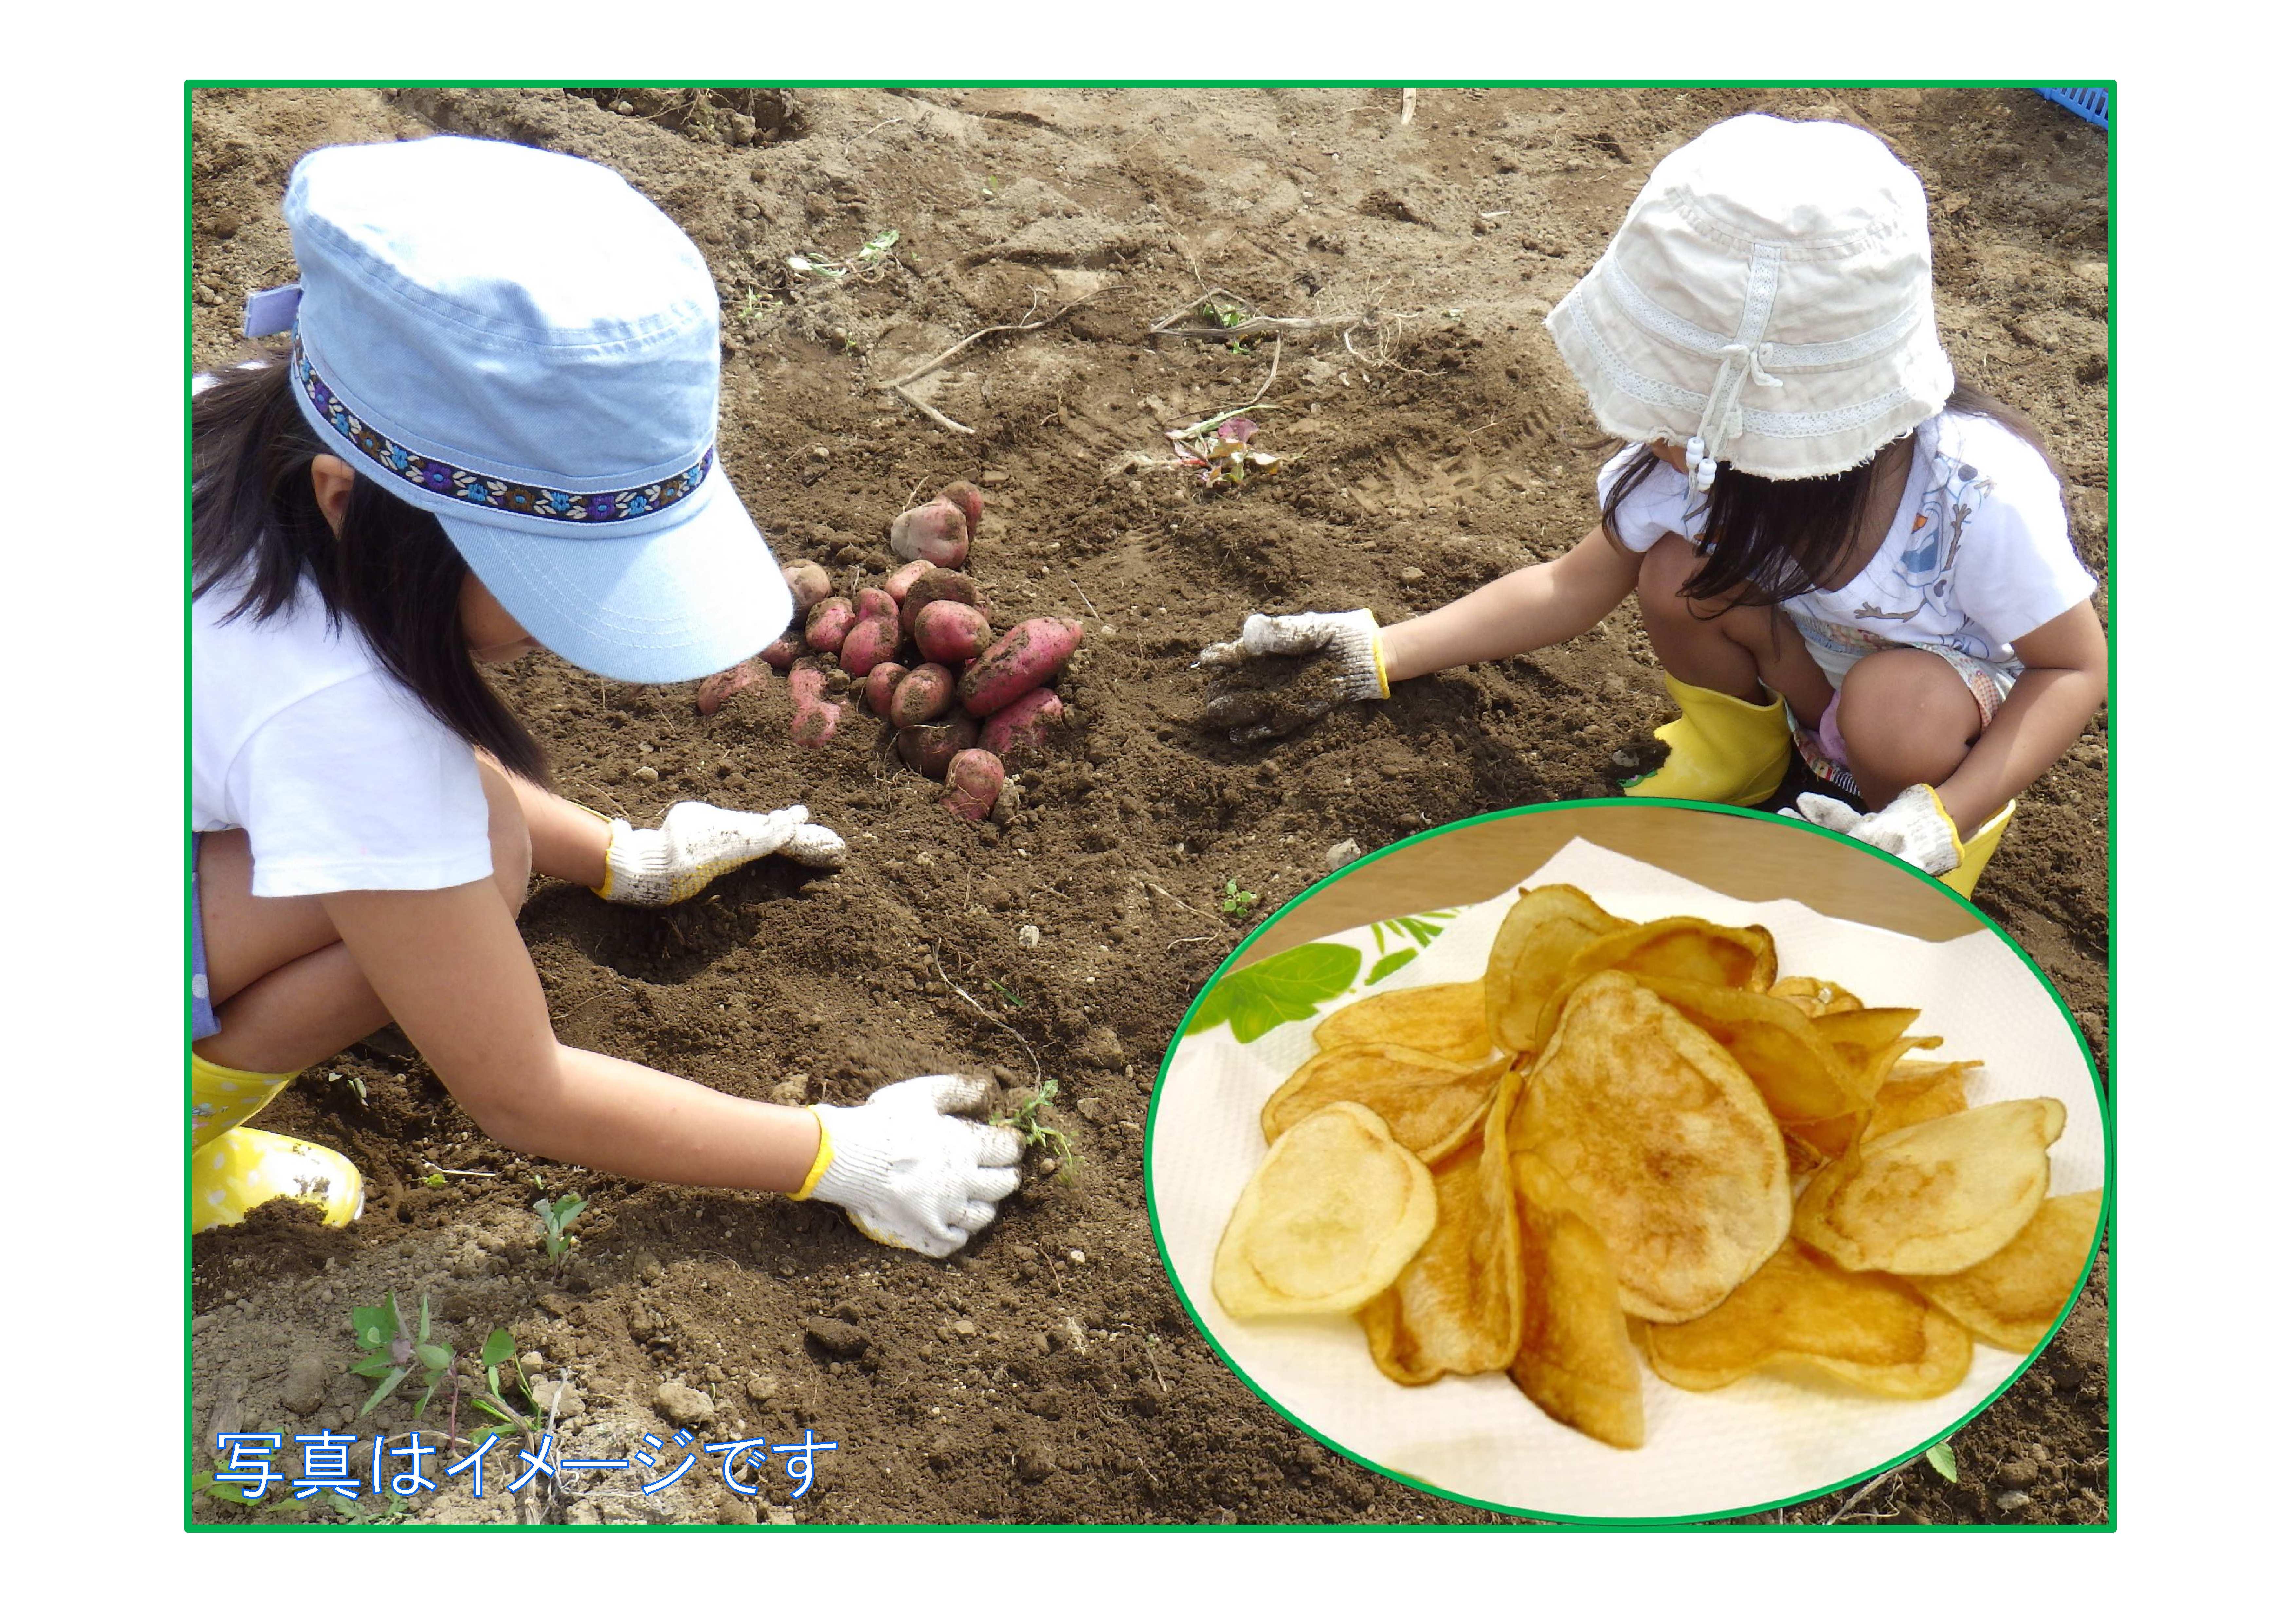 じゃがいもを収穫してポテトチップスを作ろう